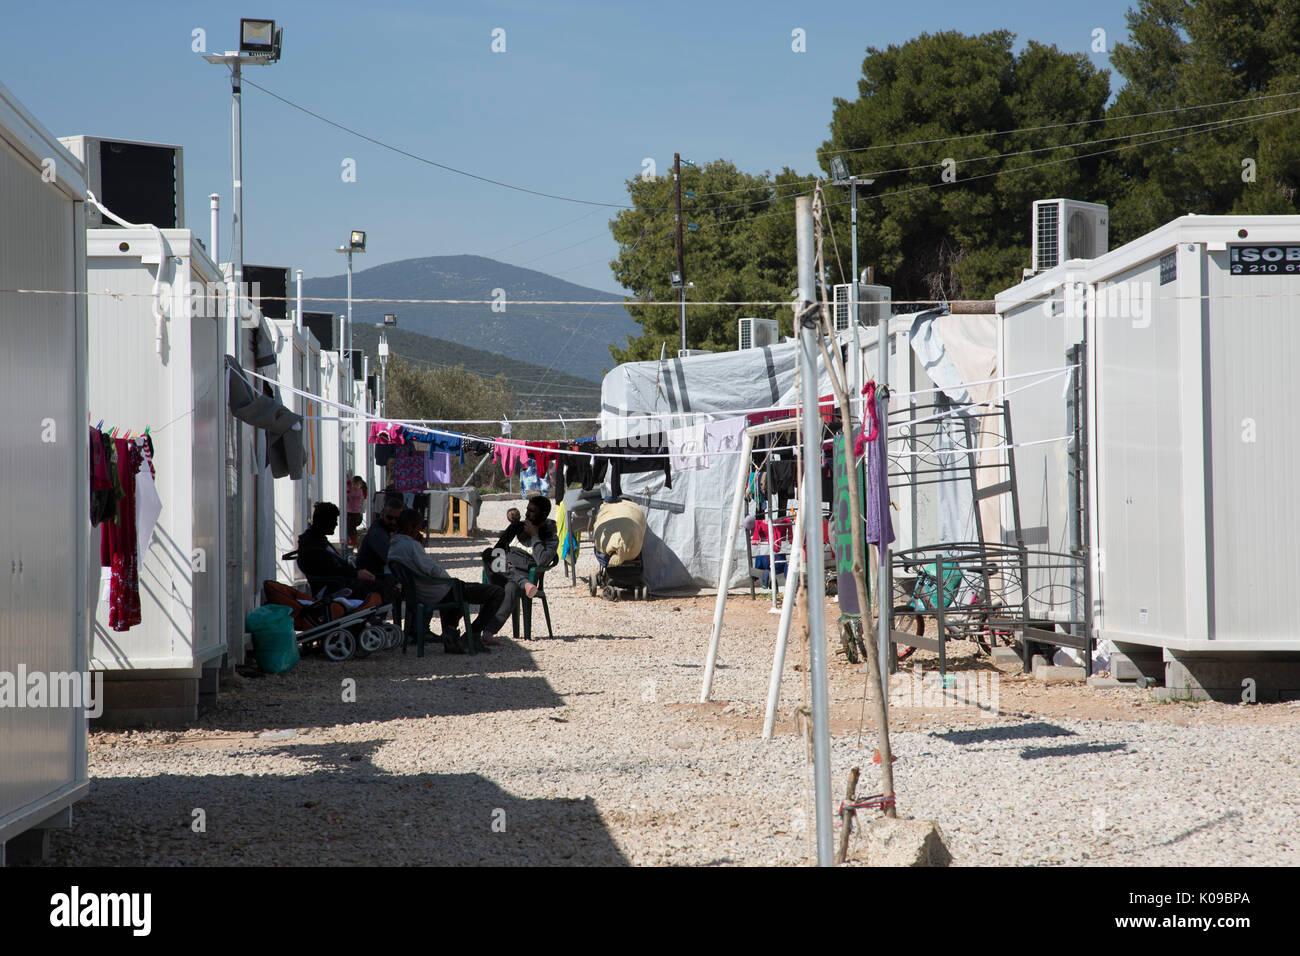 Männer im Schatten sitzen zwischen den Reihen von vorgefertigten Unterkünfte in Ritsona Flüchtlingslager, Griechenland. Stockbild